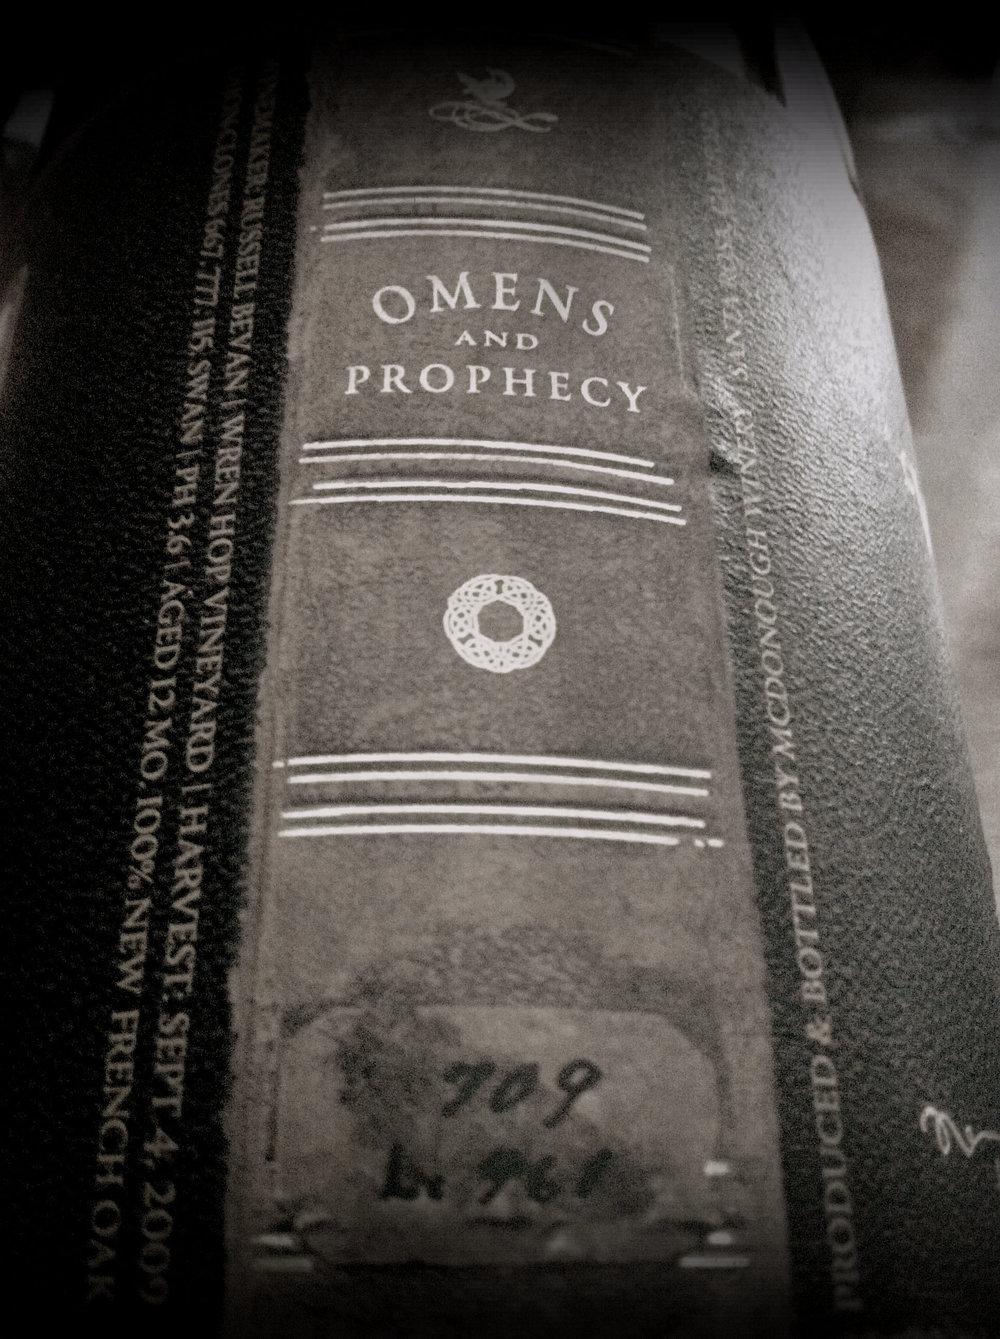 Omens & P_spine.jpg